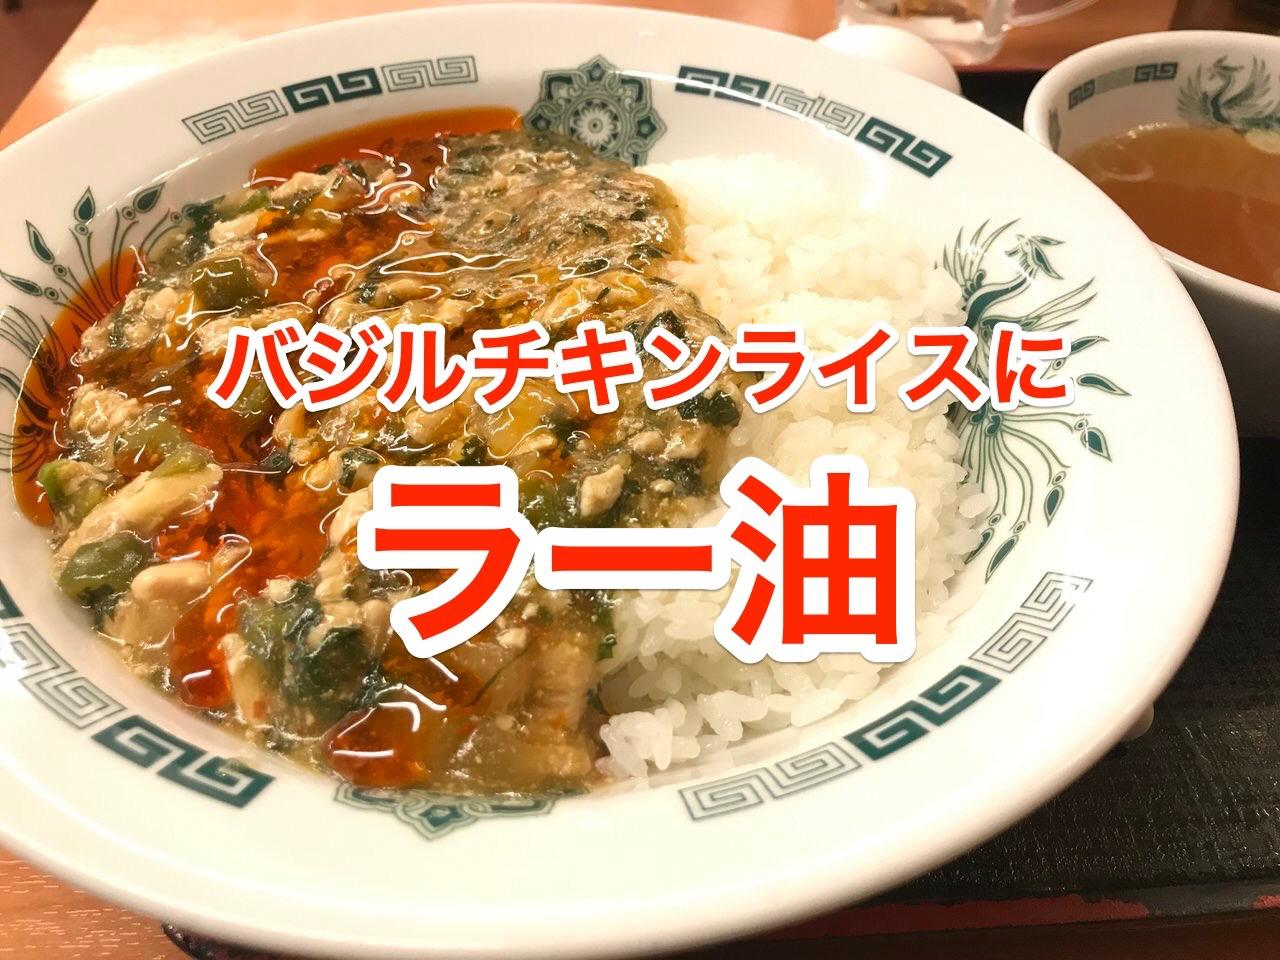 【日高屋】辛いもの好きなら「バジルチキンライス」にラー油をたっぷりオン!